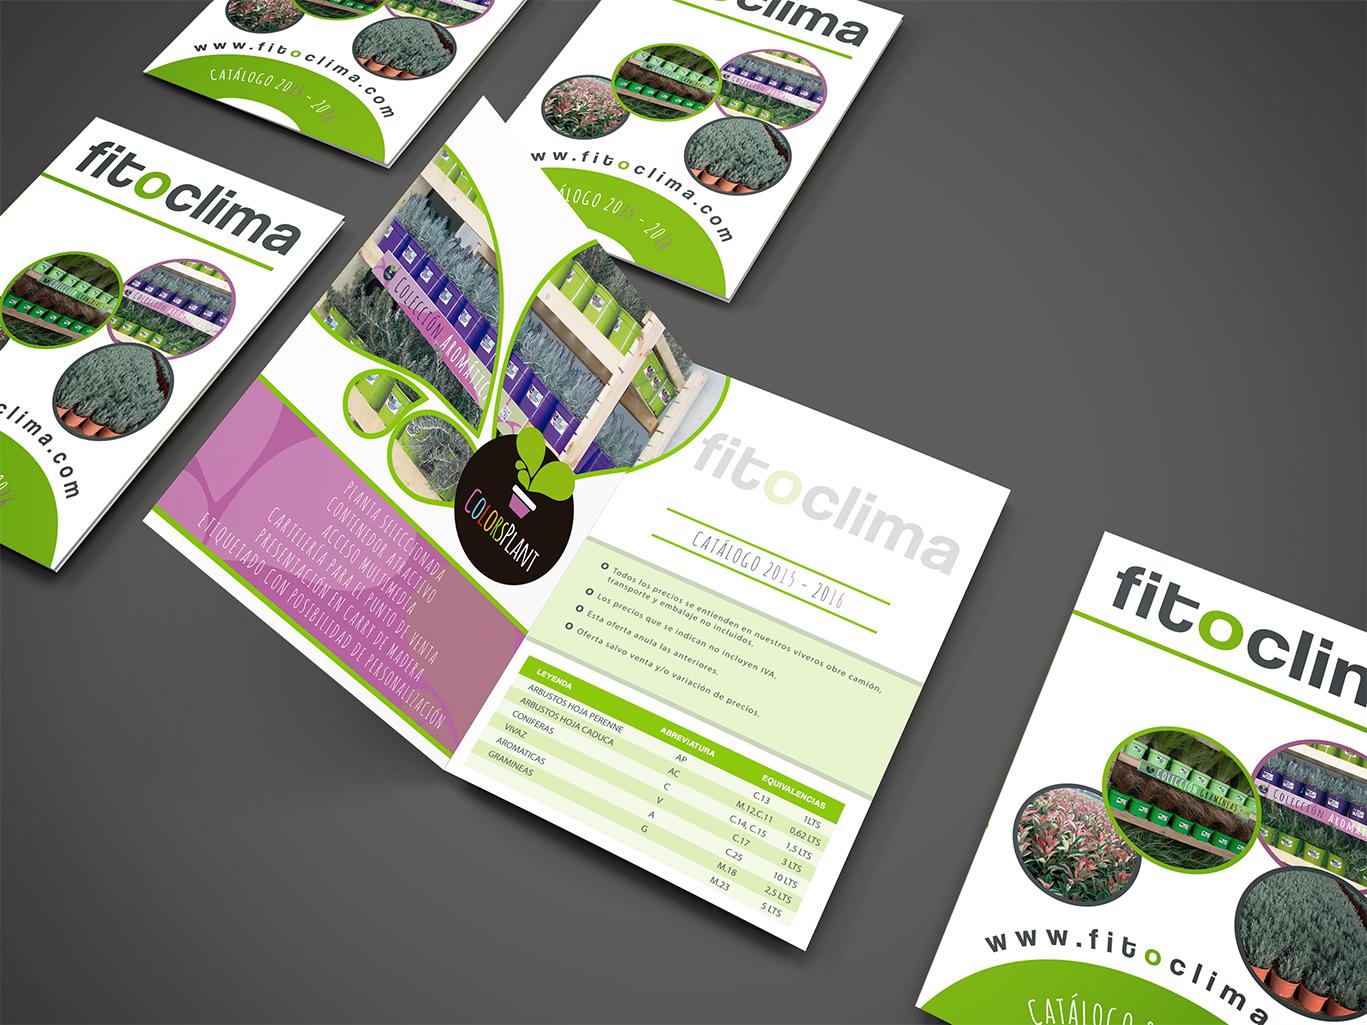 Diseño de Catálogos, imprenta, imprenta de catálogos Fitoclima